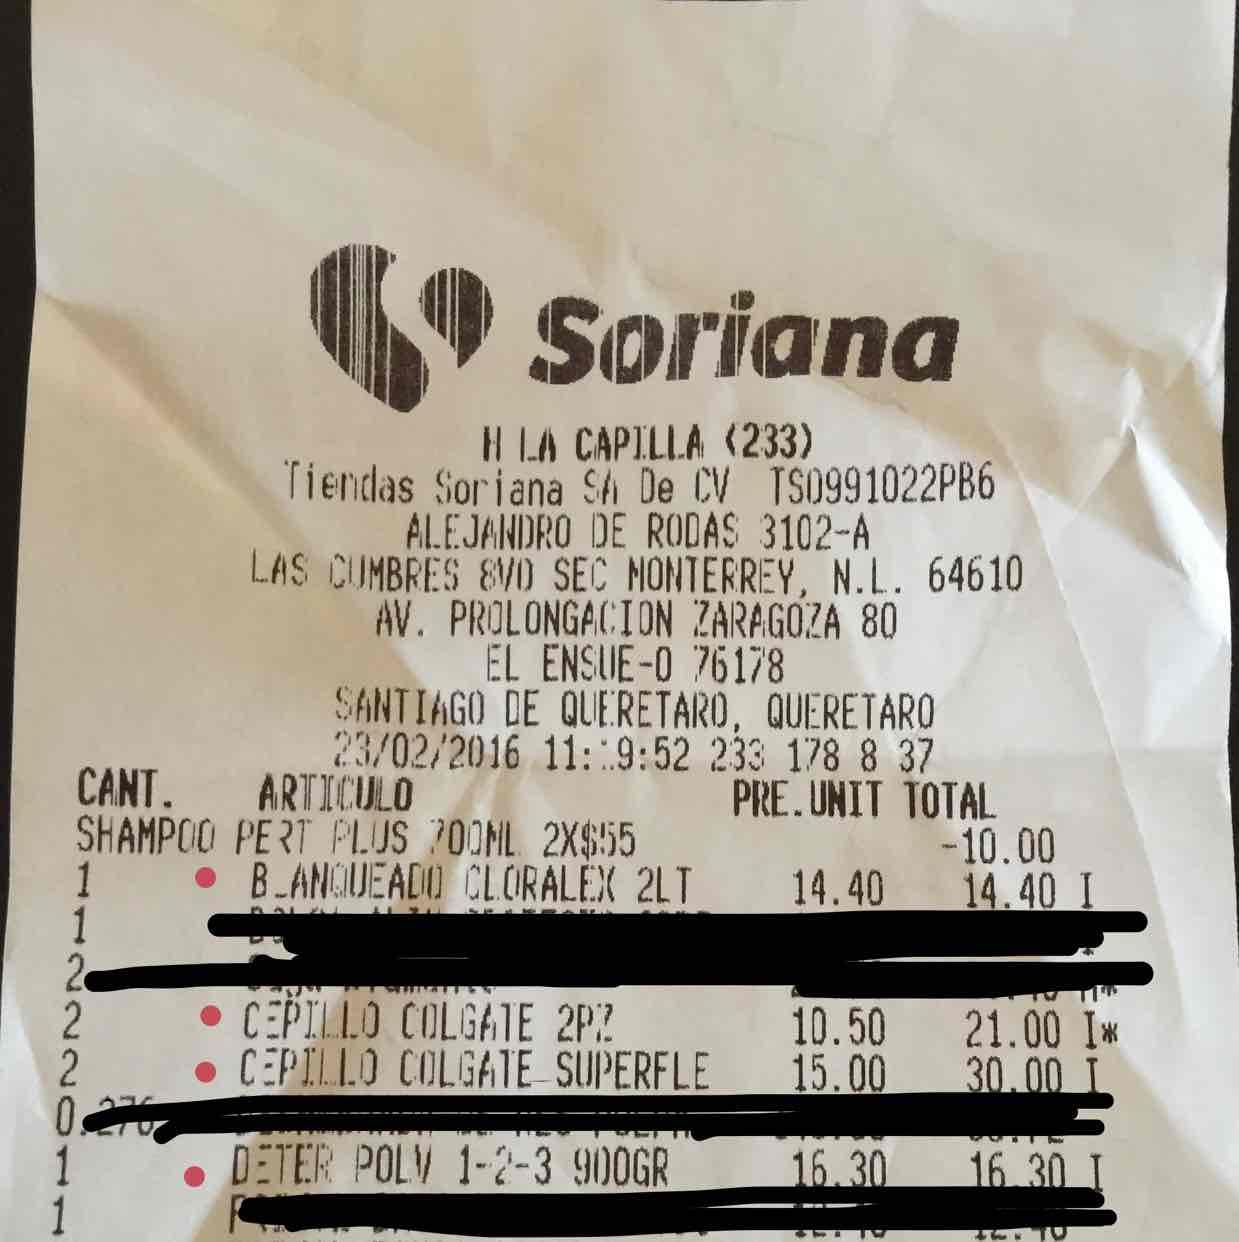 Soriana: cepillos de dientes colgate en paquete de 3 cepillos a $15, de 2 a $10.50, frijoles bayos a $5.5